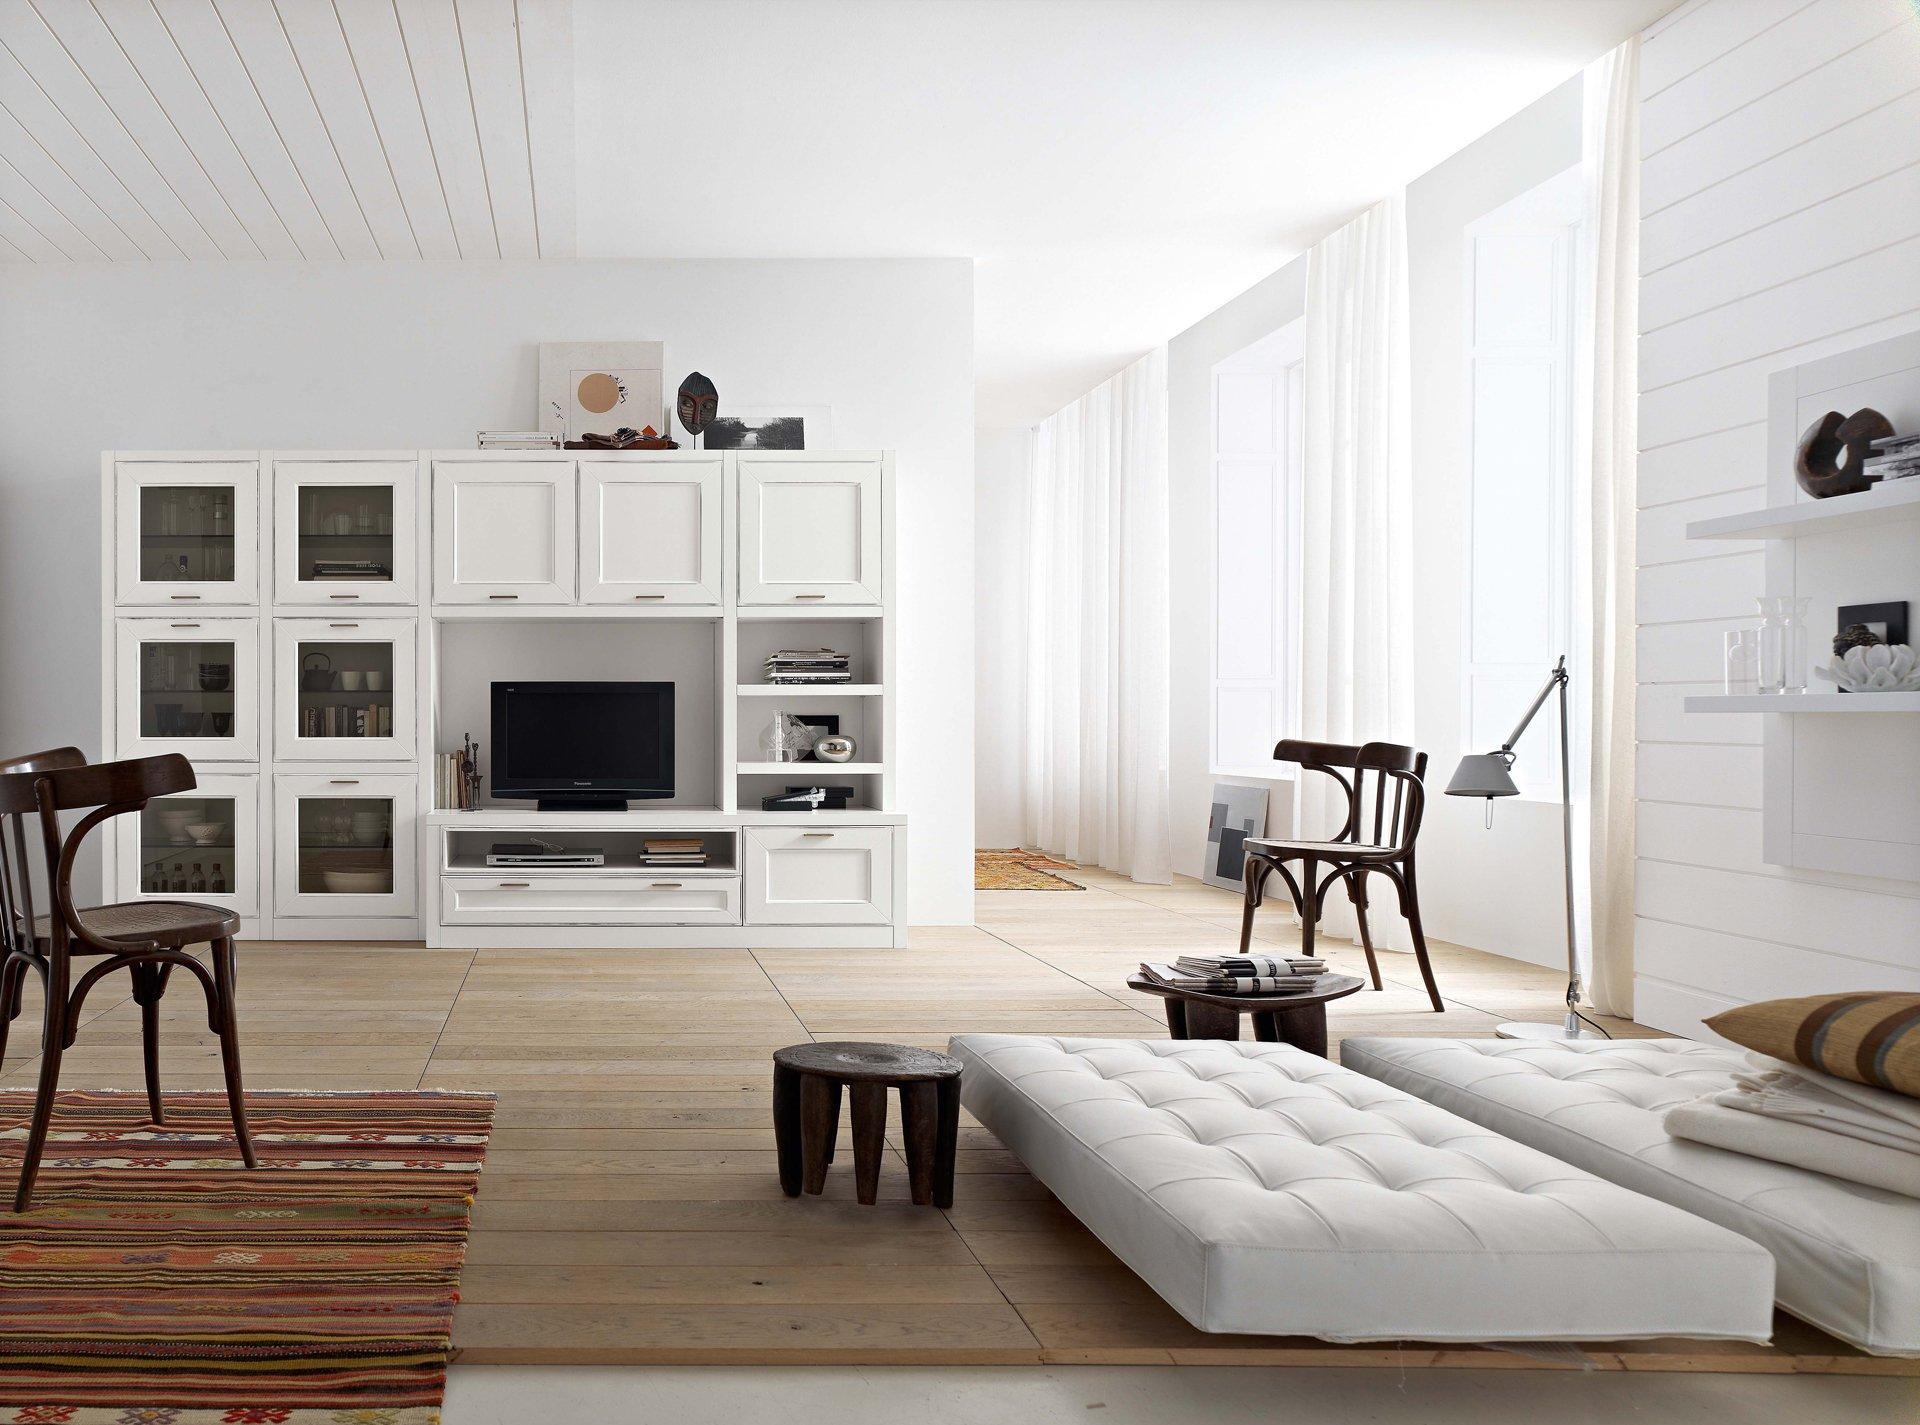 Коричневый, черный и белый цвета в интерьере гостиной